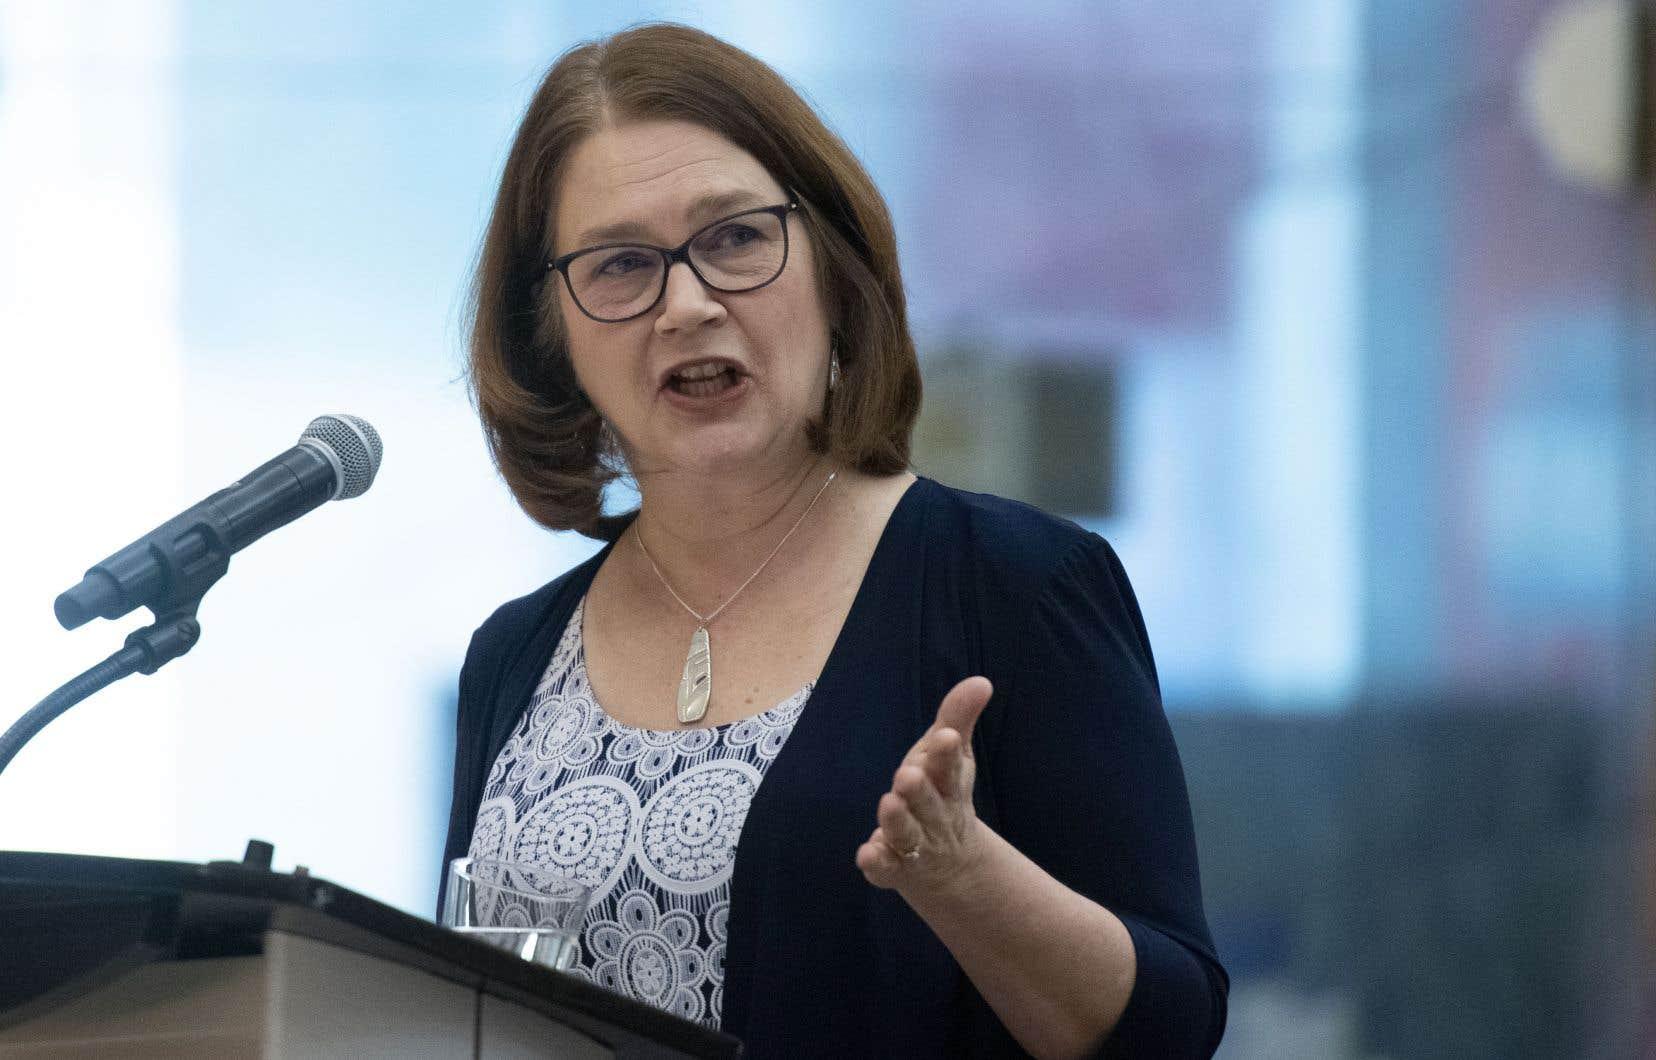 L'ancienne ministre Jane Philpott pense qu'il reste encore beaucoup de choses à dire sur le scandale SNC-Lavalin.